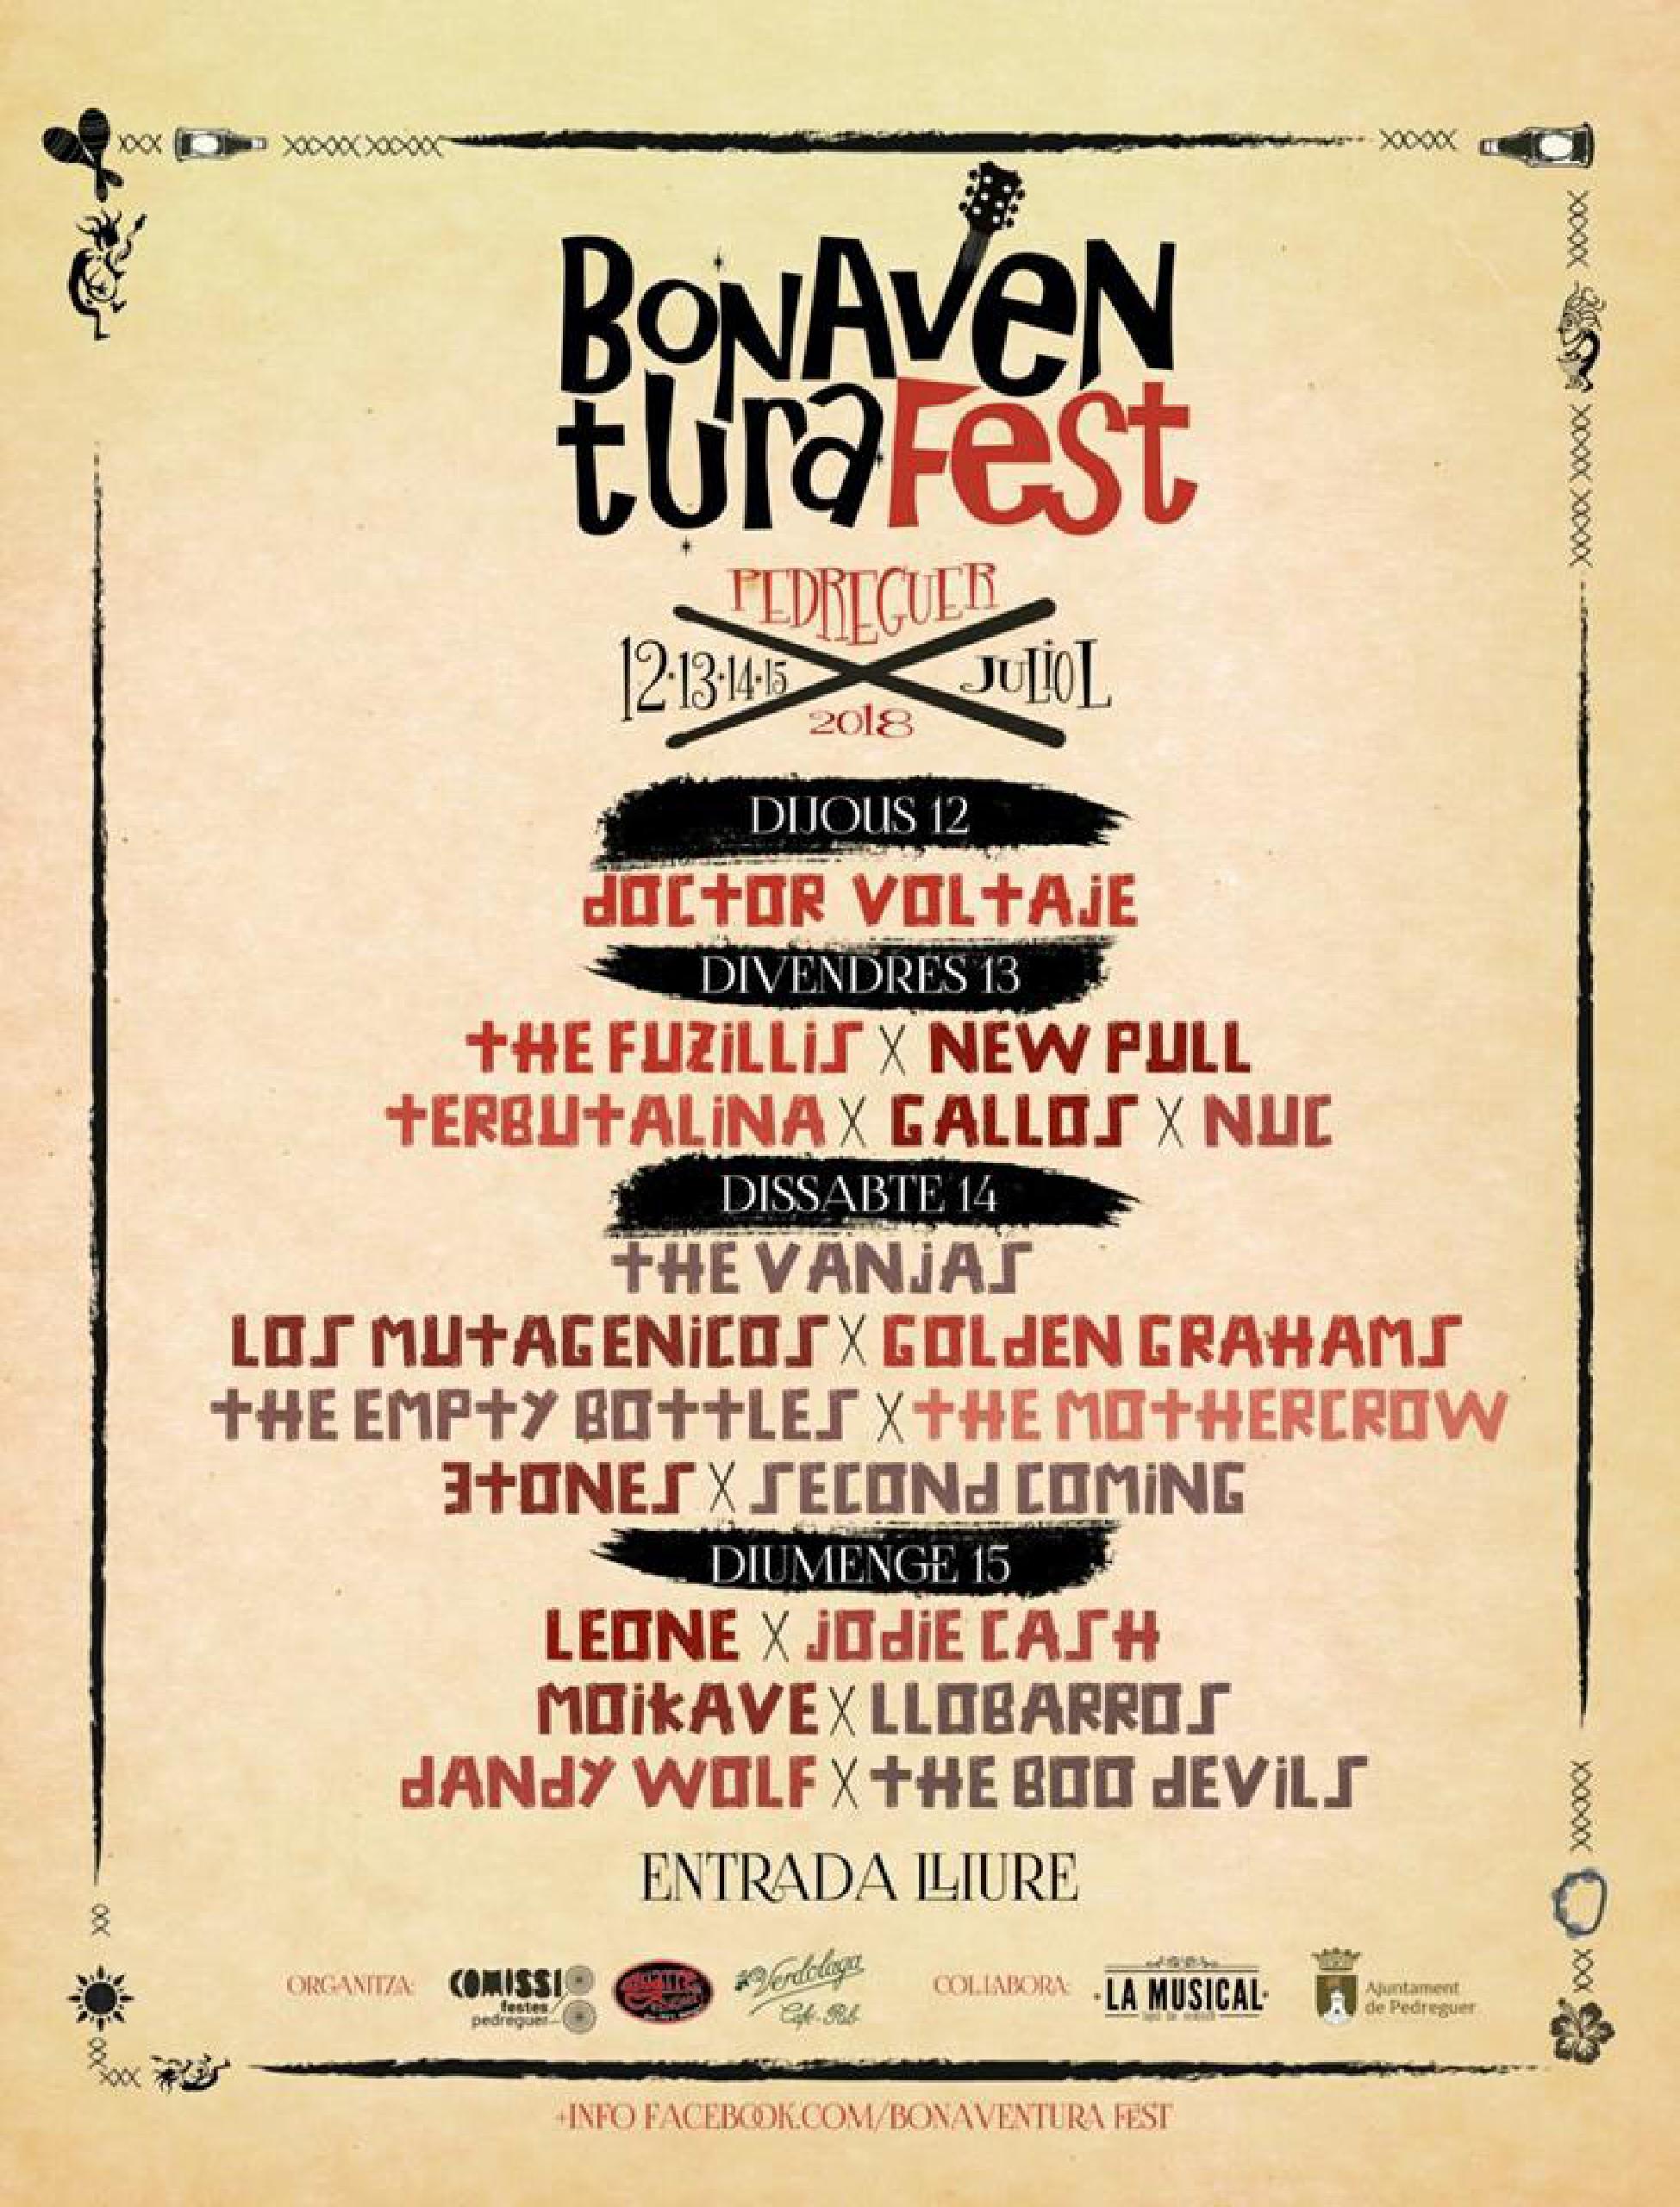 Foto del cartel de Bonaventura Fest 2018